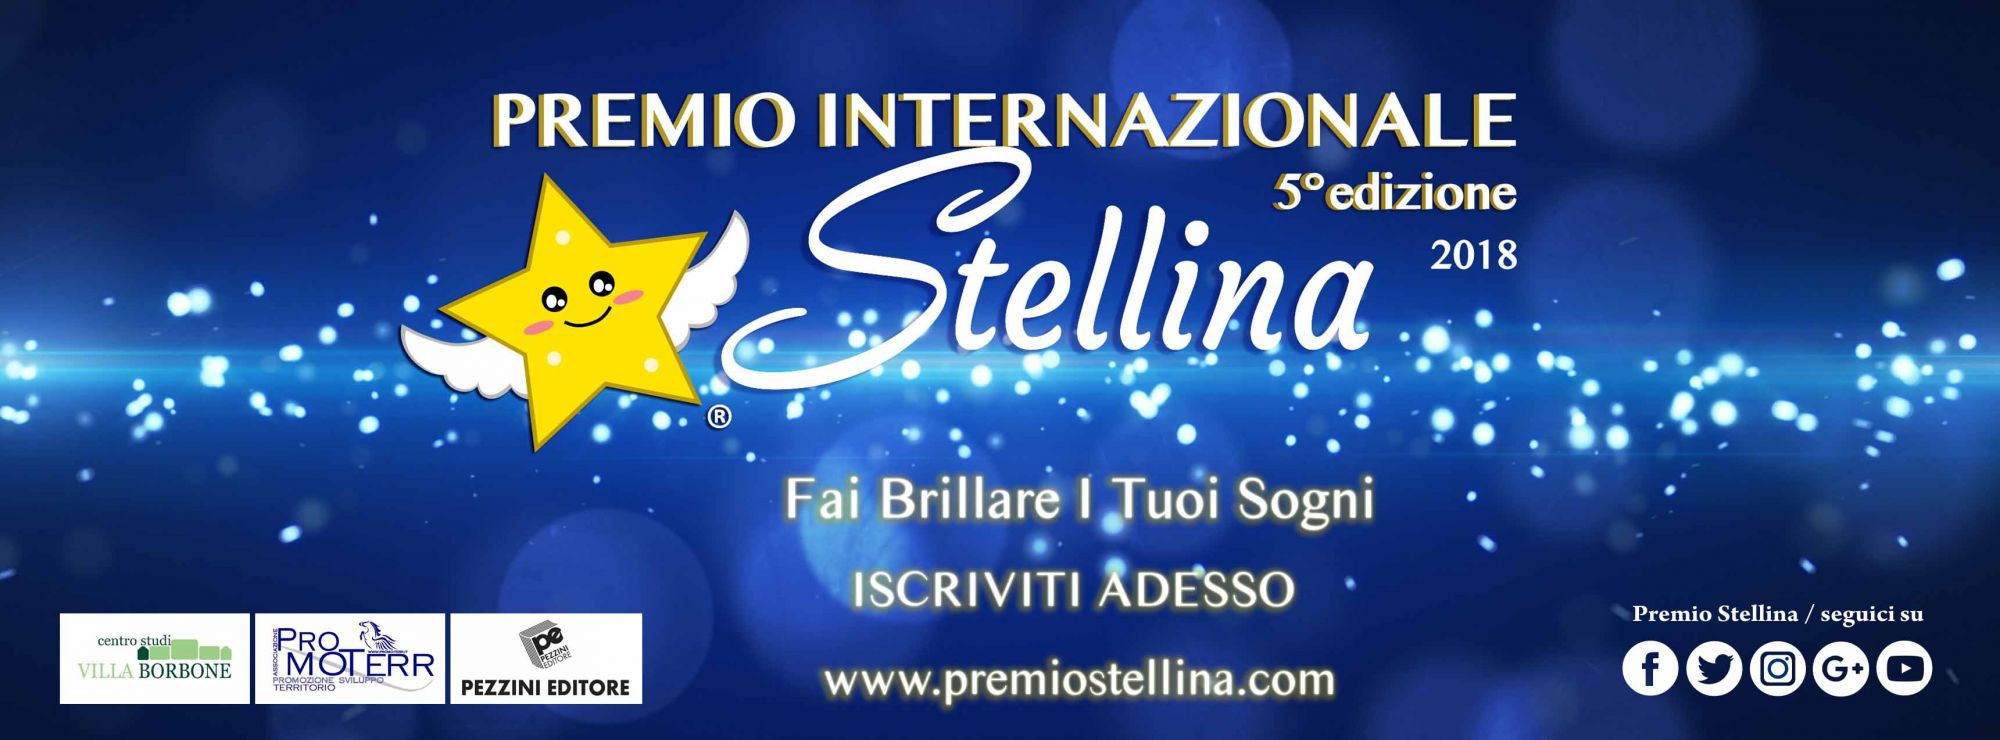 logo premio internazionale stellina 2018